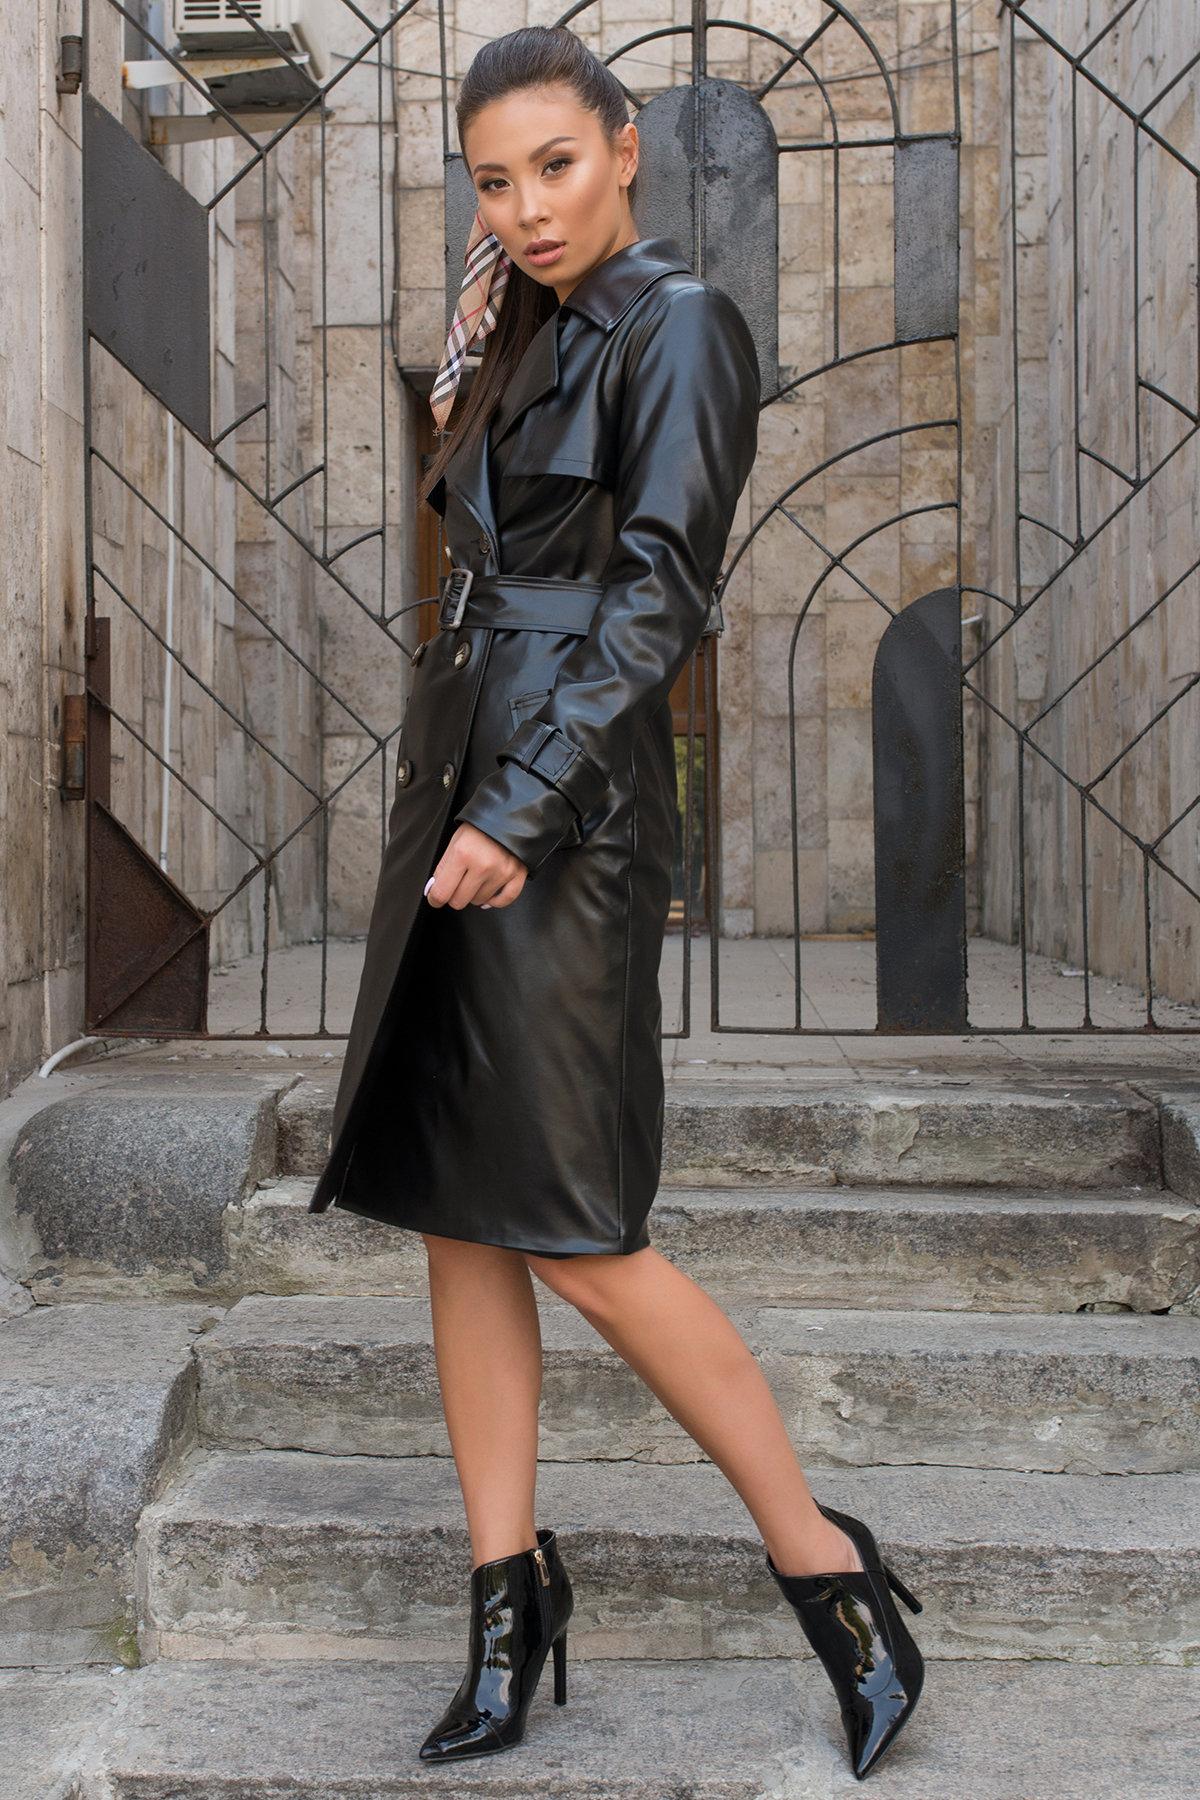 Пальто-тренч из экокожи Аккорд 7996 АРТ. 43950 Цвет: Черный - фото 2, интернет магазин tm-modus.ru